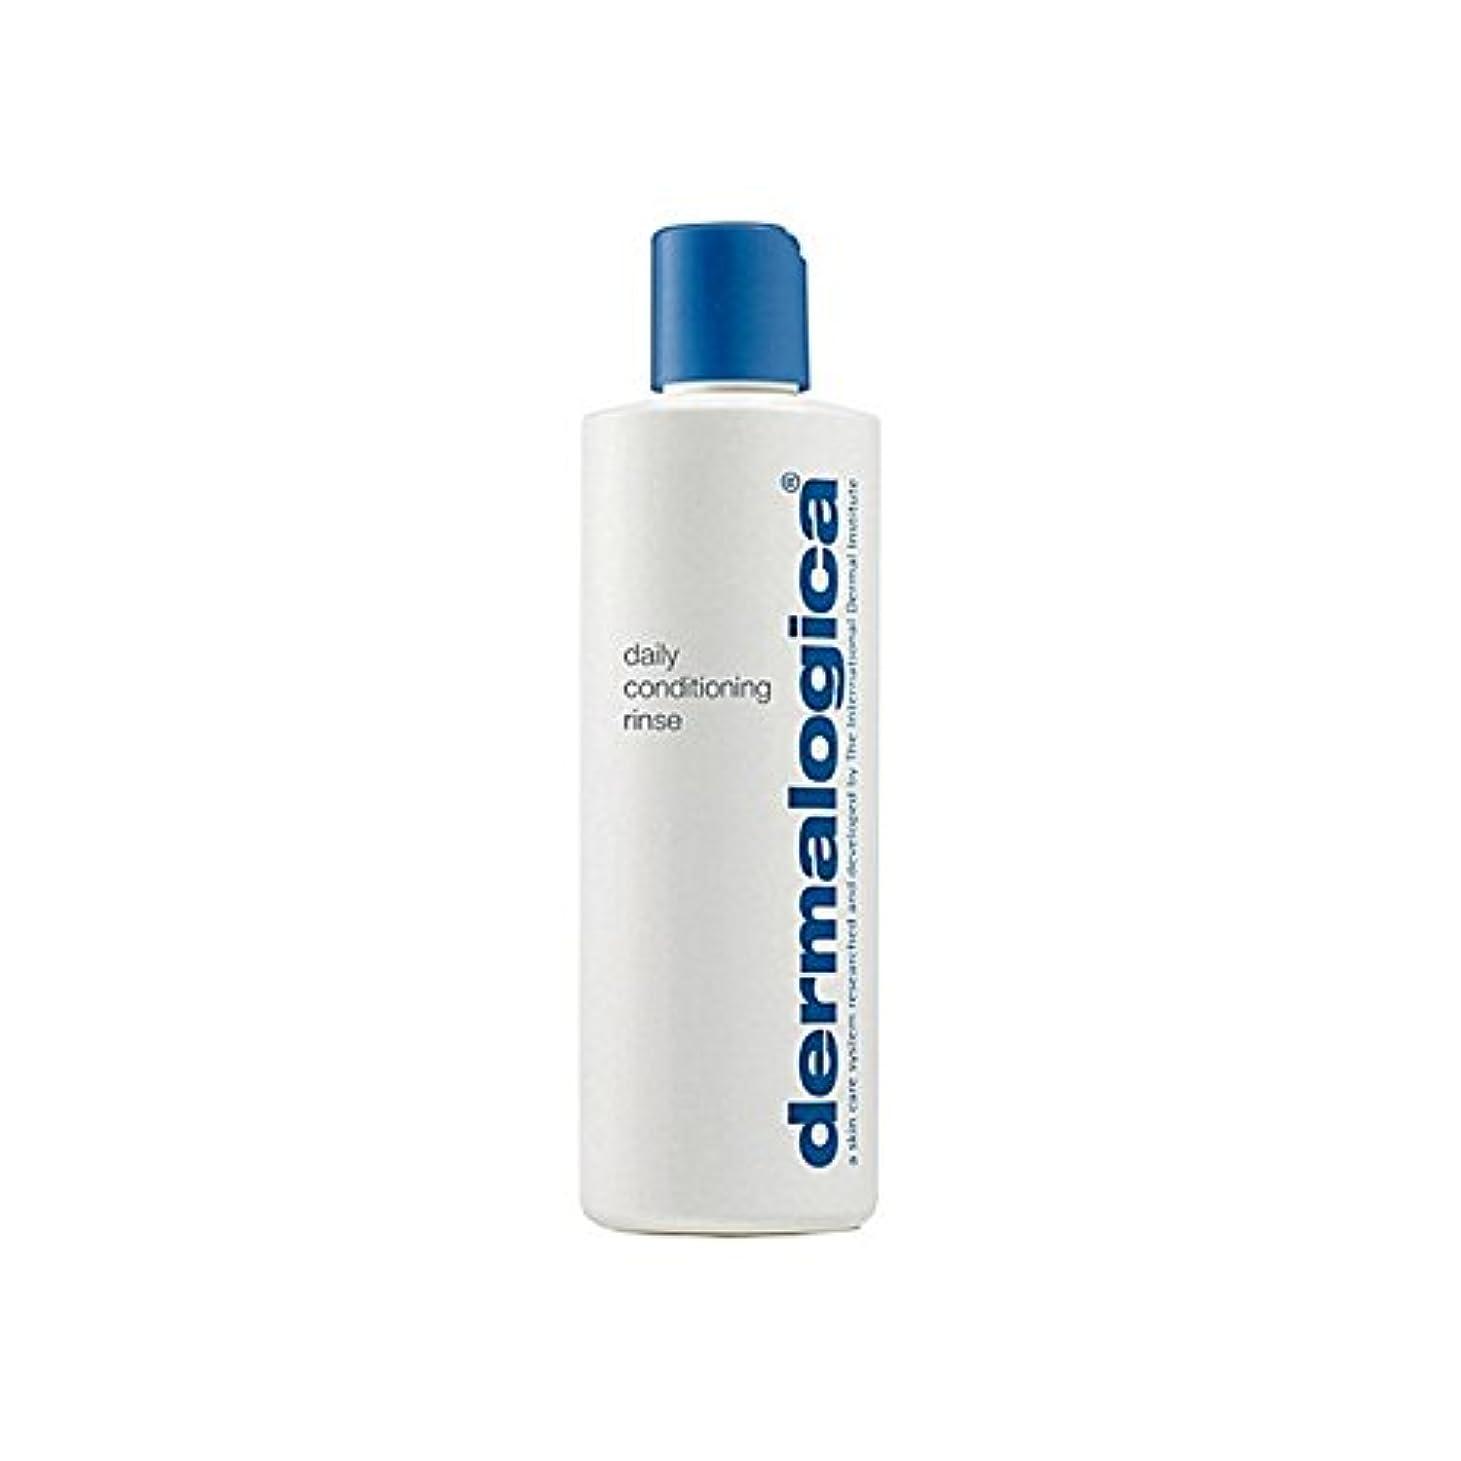 食欲ワット血まみれDermalogica Daily Conditioning Rinse 50ml (Pack of 6) - ダーマロジカ毎日コンディショニングリンス50ミリリットル x6 [並行輸入品]